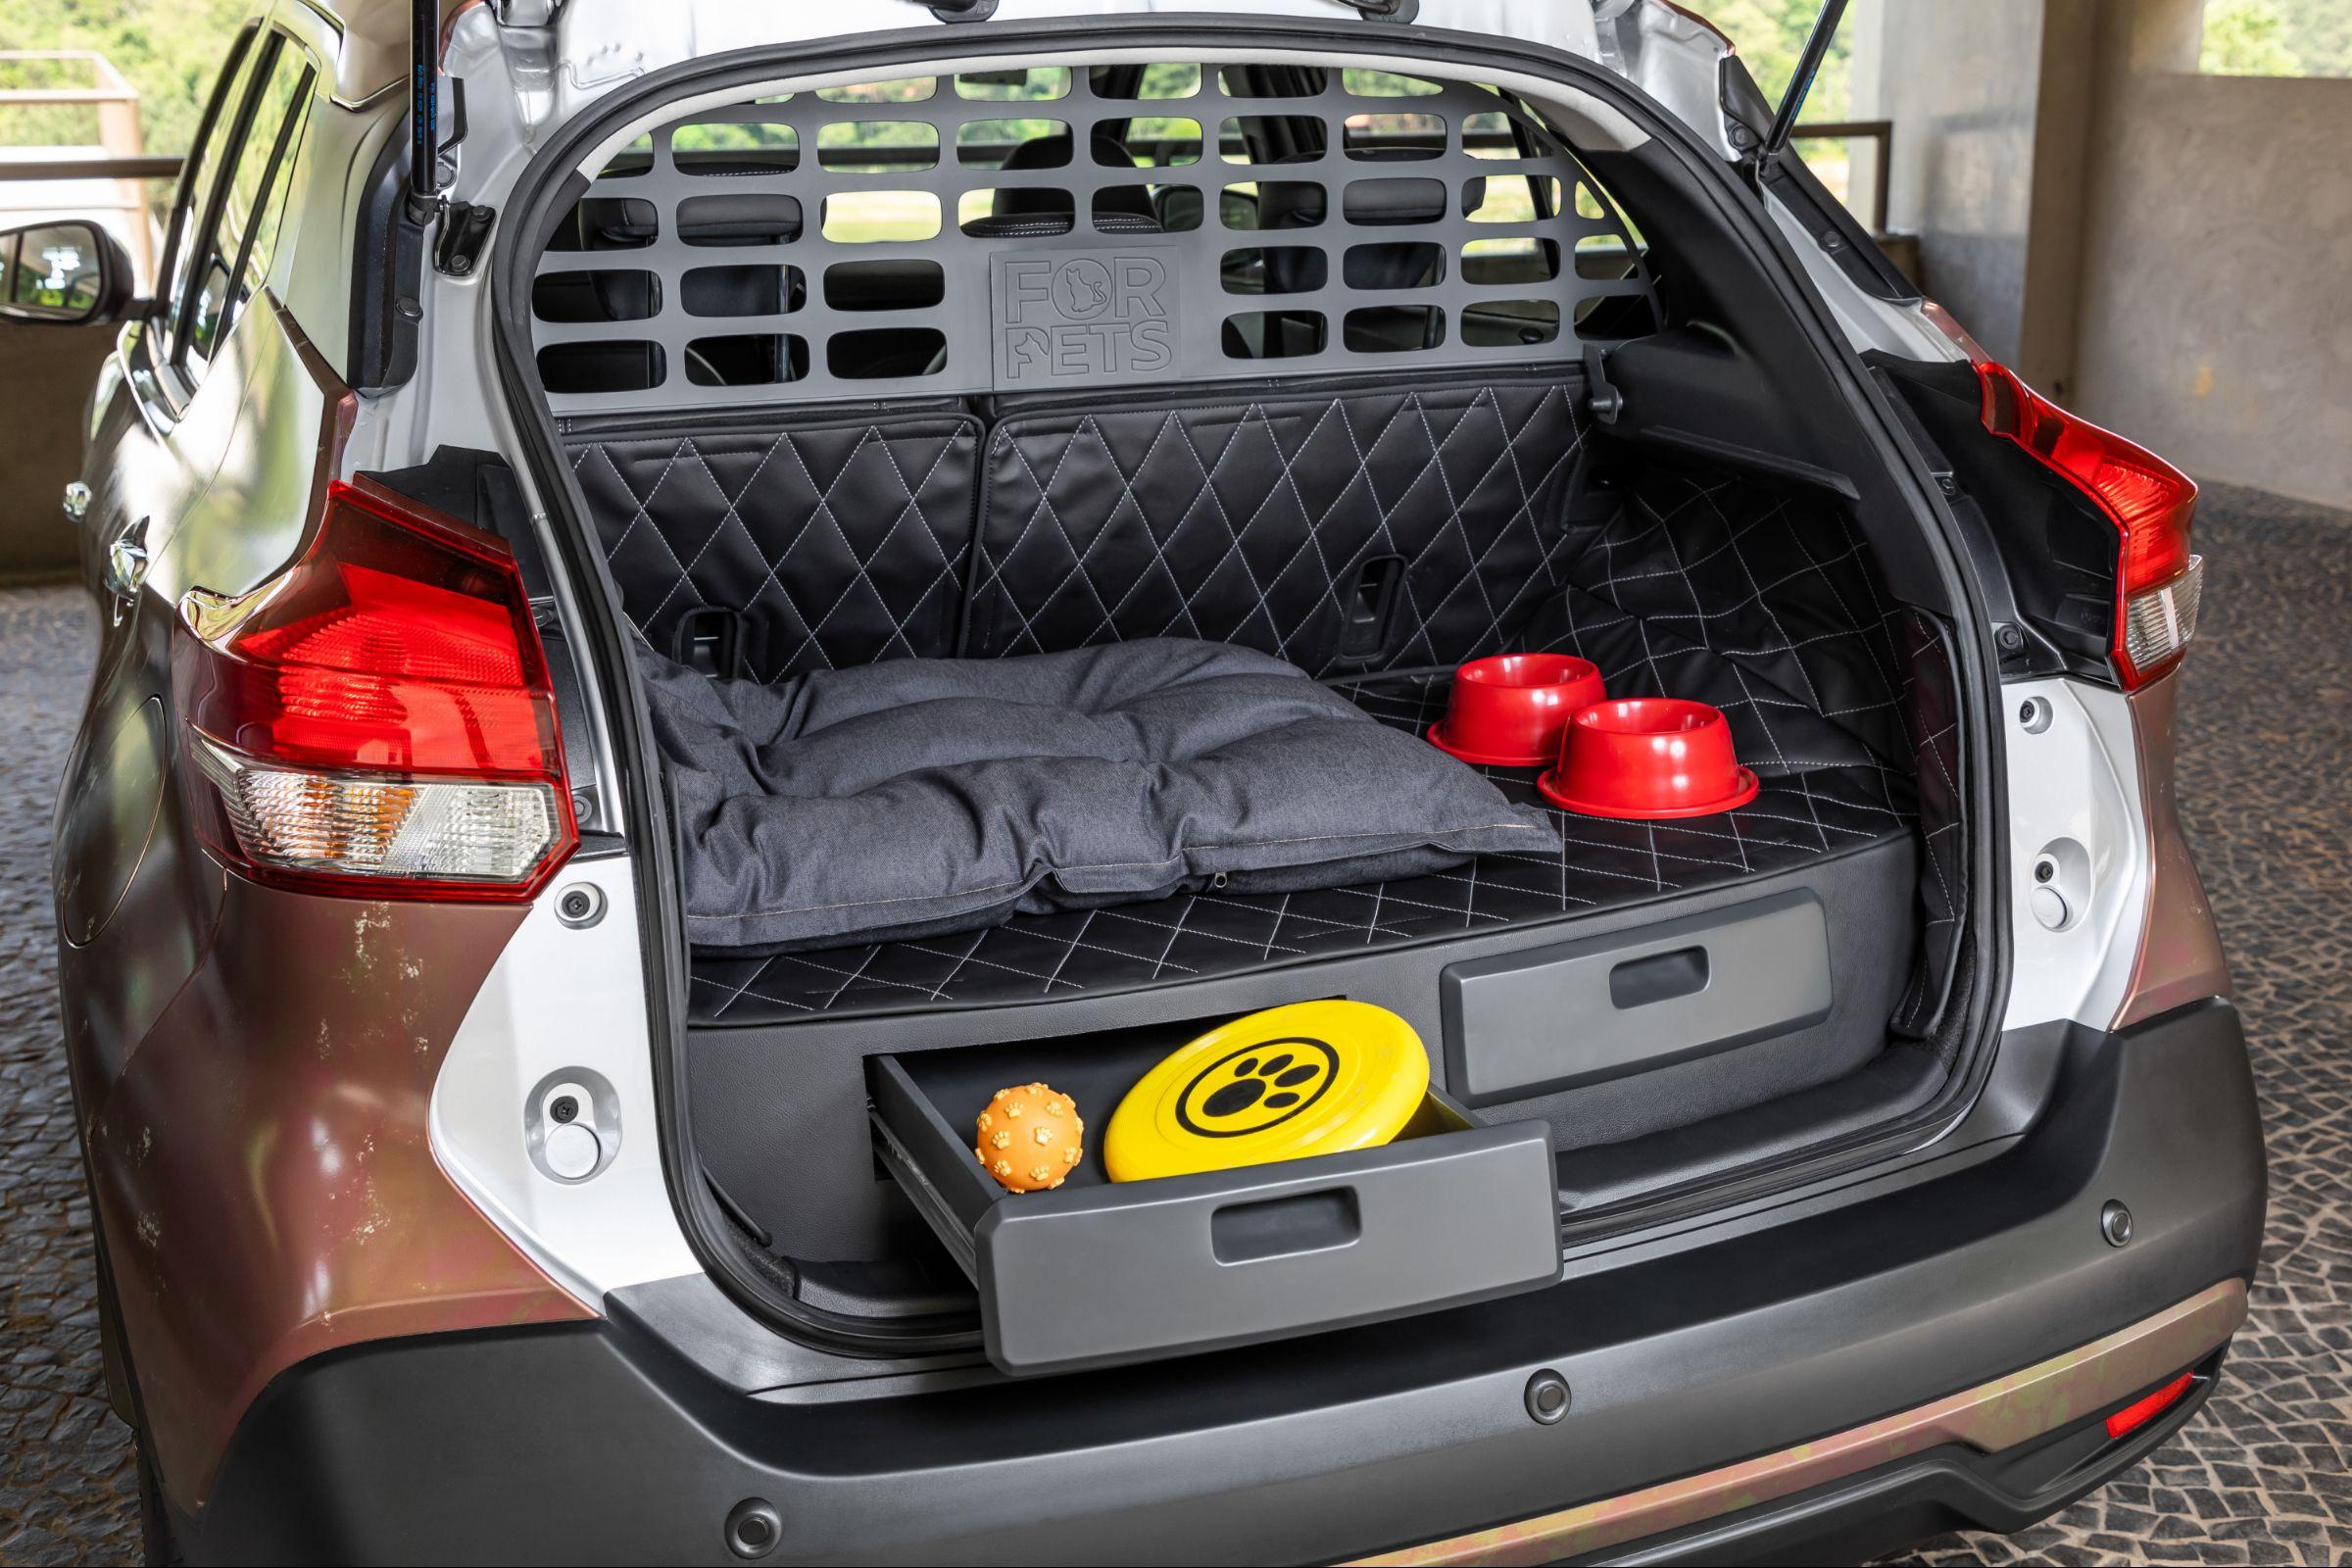 A Nissan revelou uma edição especial de seu SUV mais vendido. O Kicks para pets foi pensado para acomodar com conforto e praticidade os animais da família.